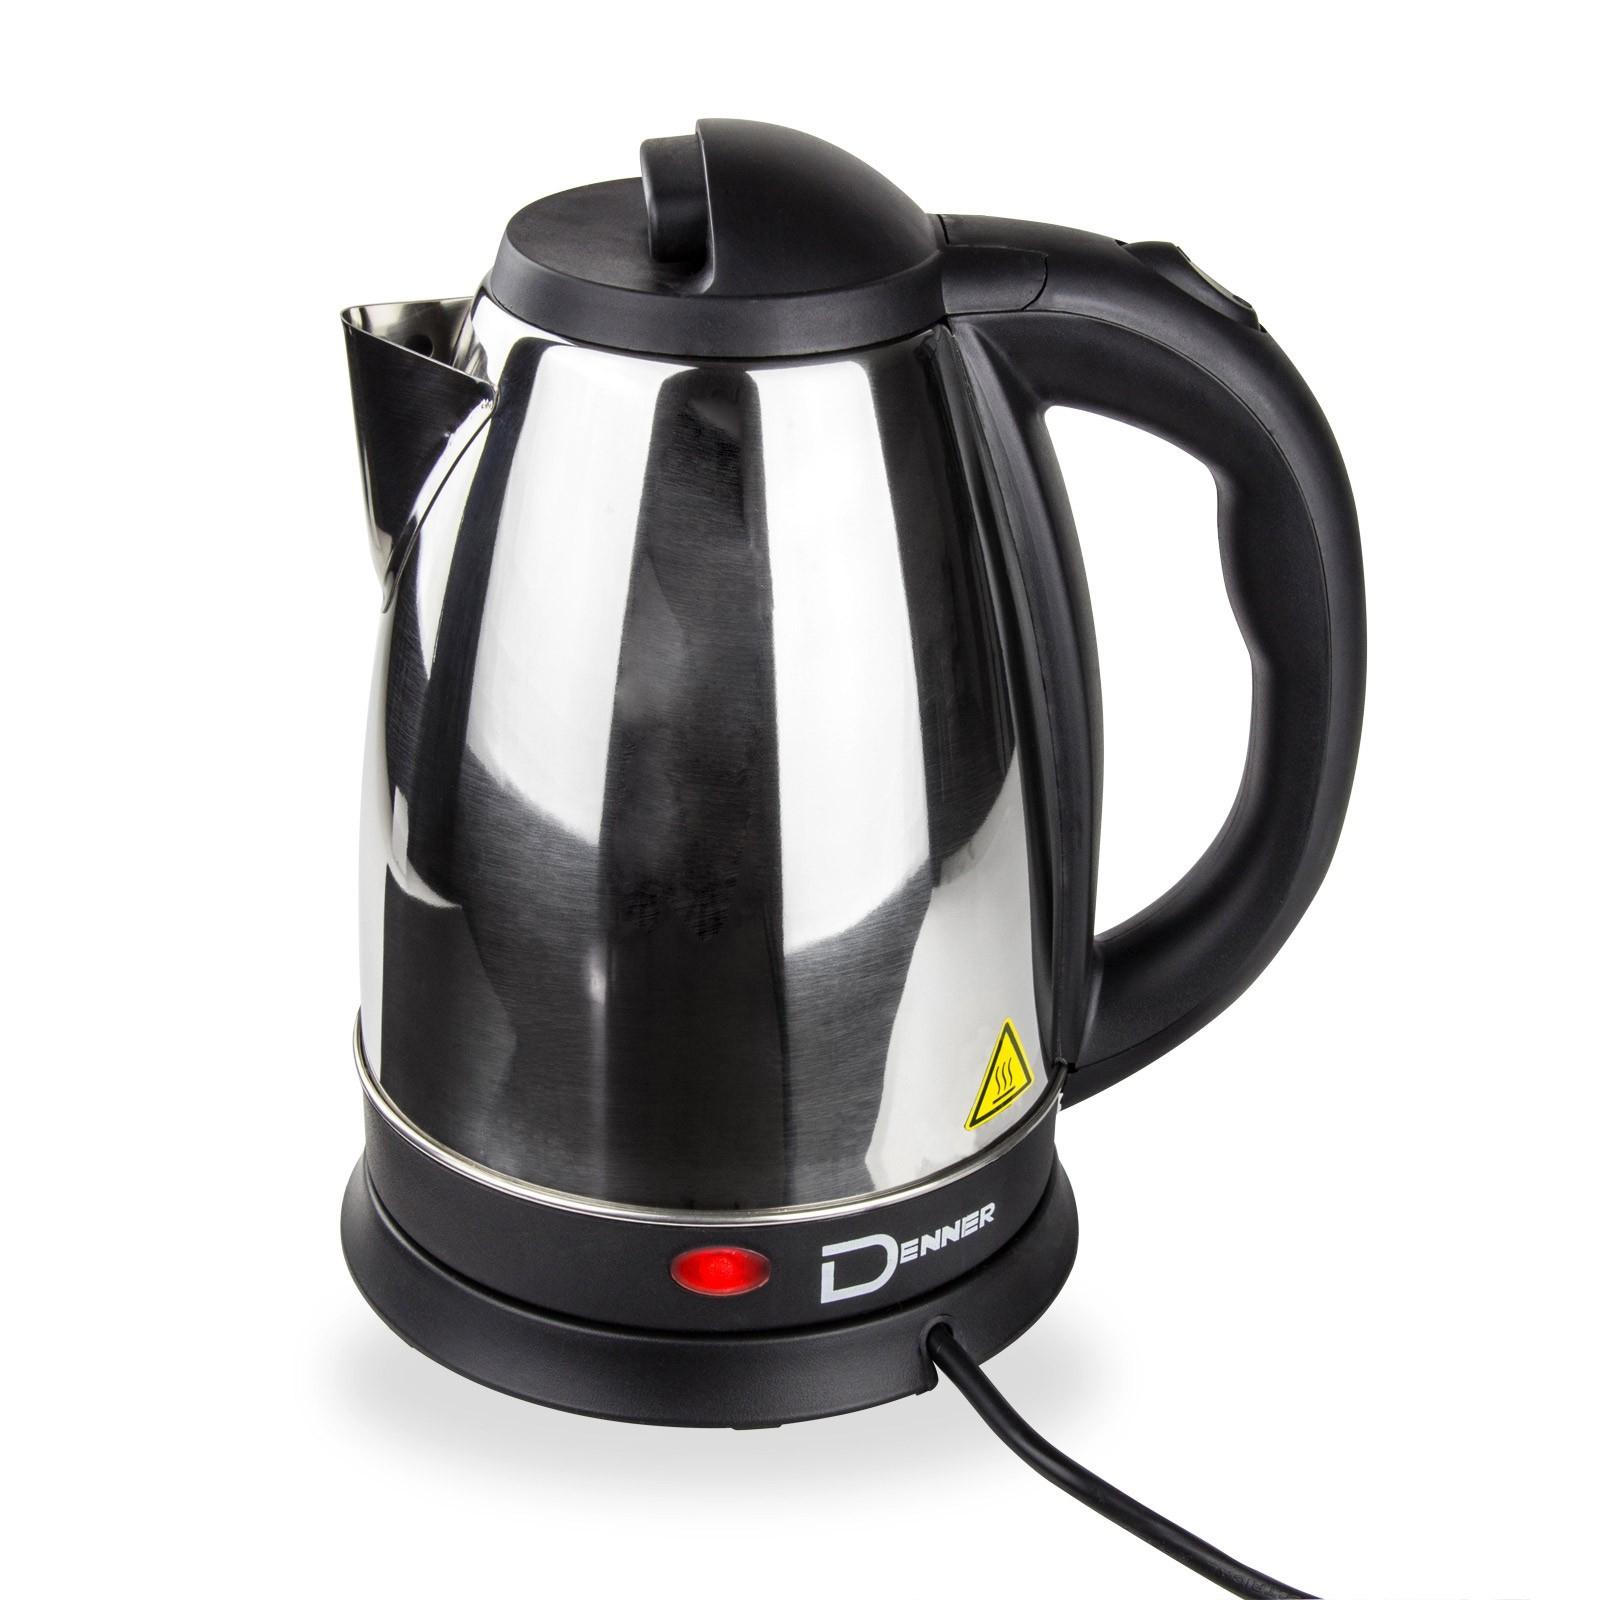 [offline] Wasserkocher DWK180A, 1.8L, 2200W - kein Plastik!